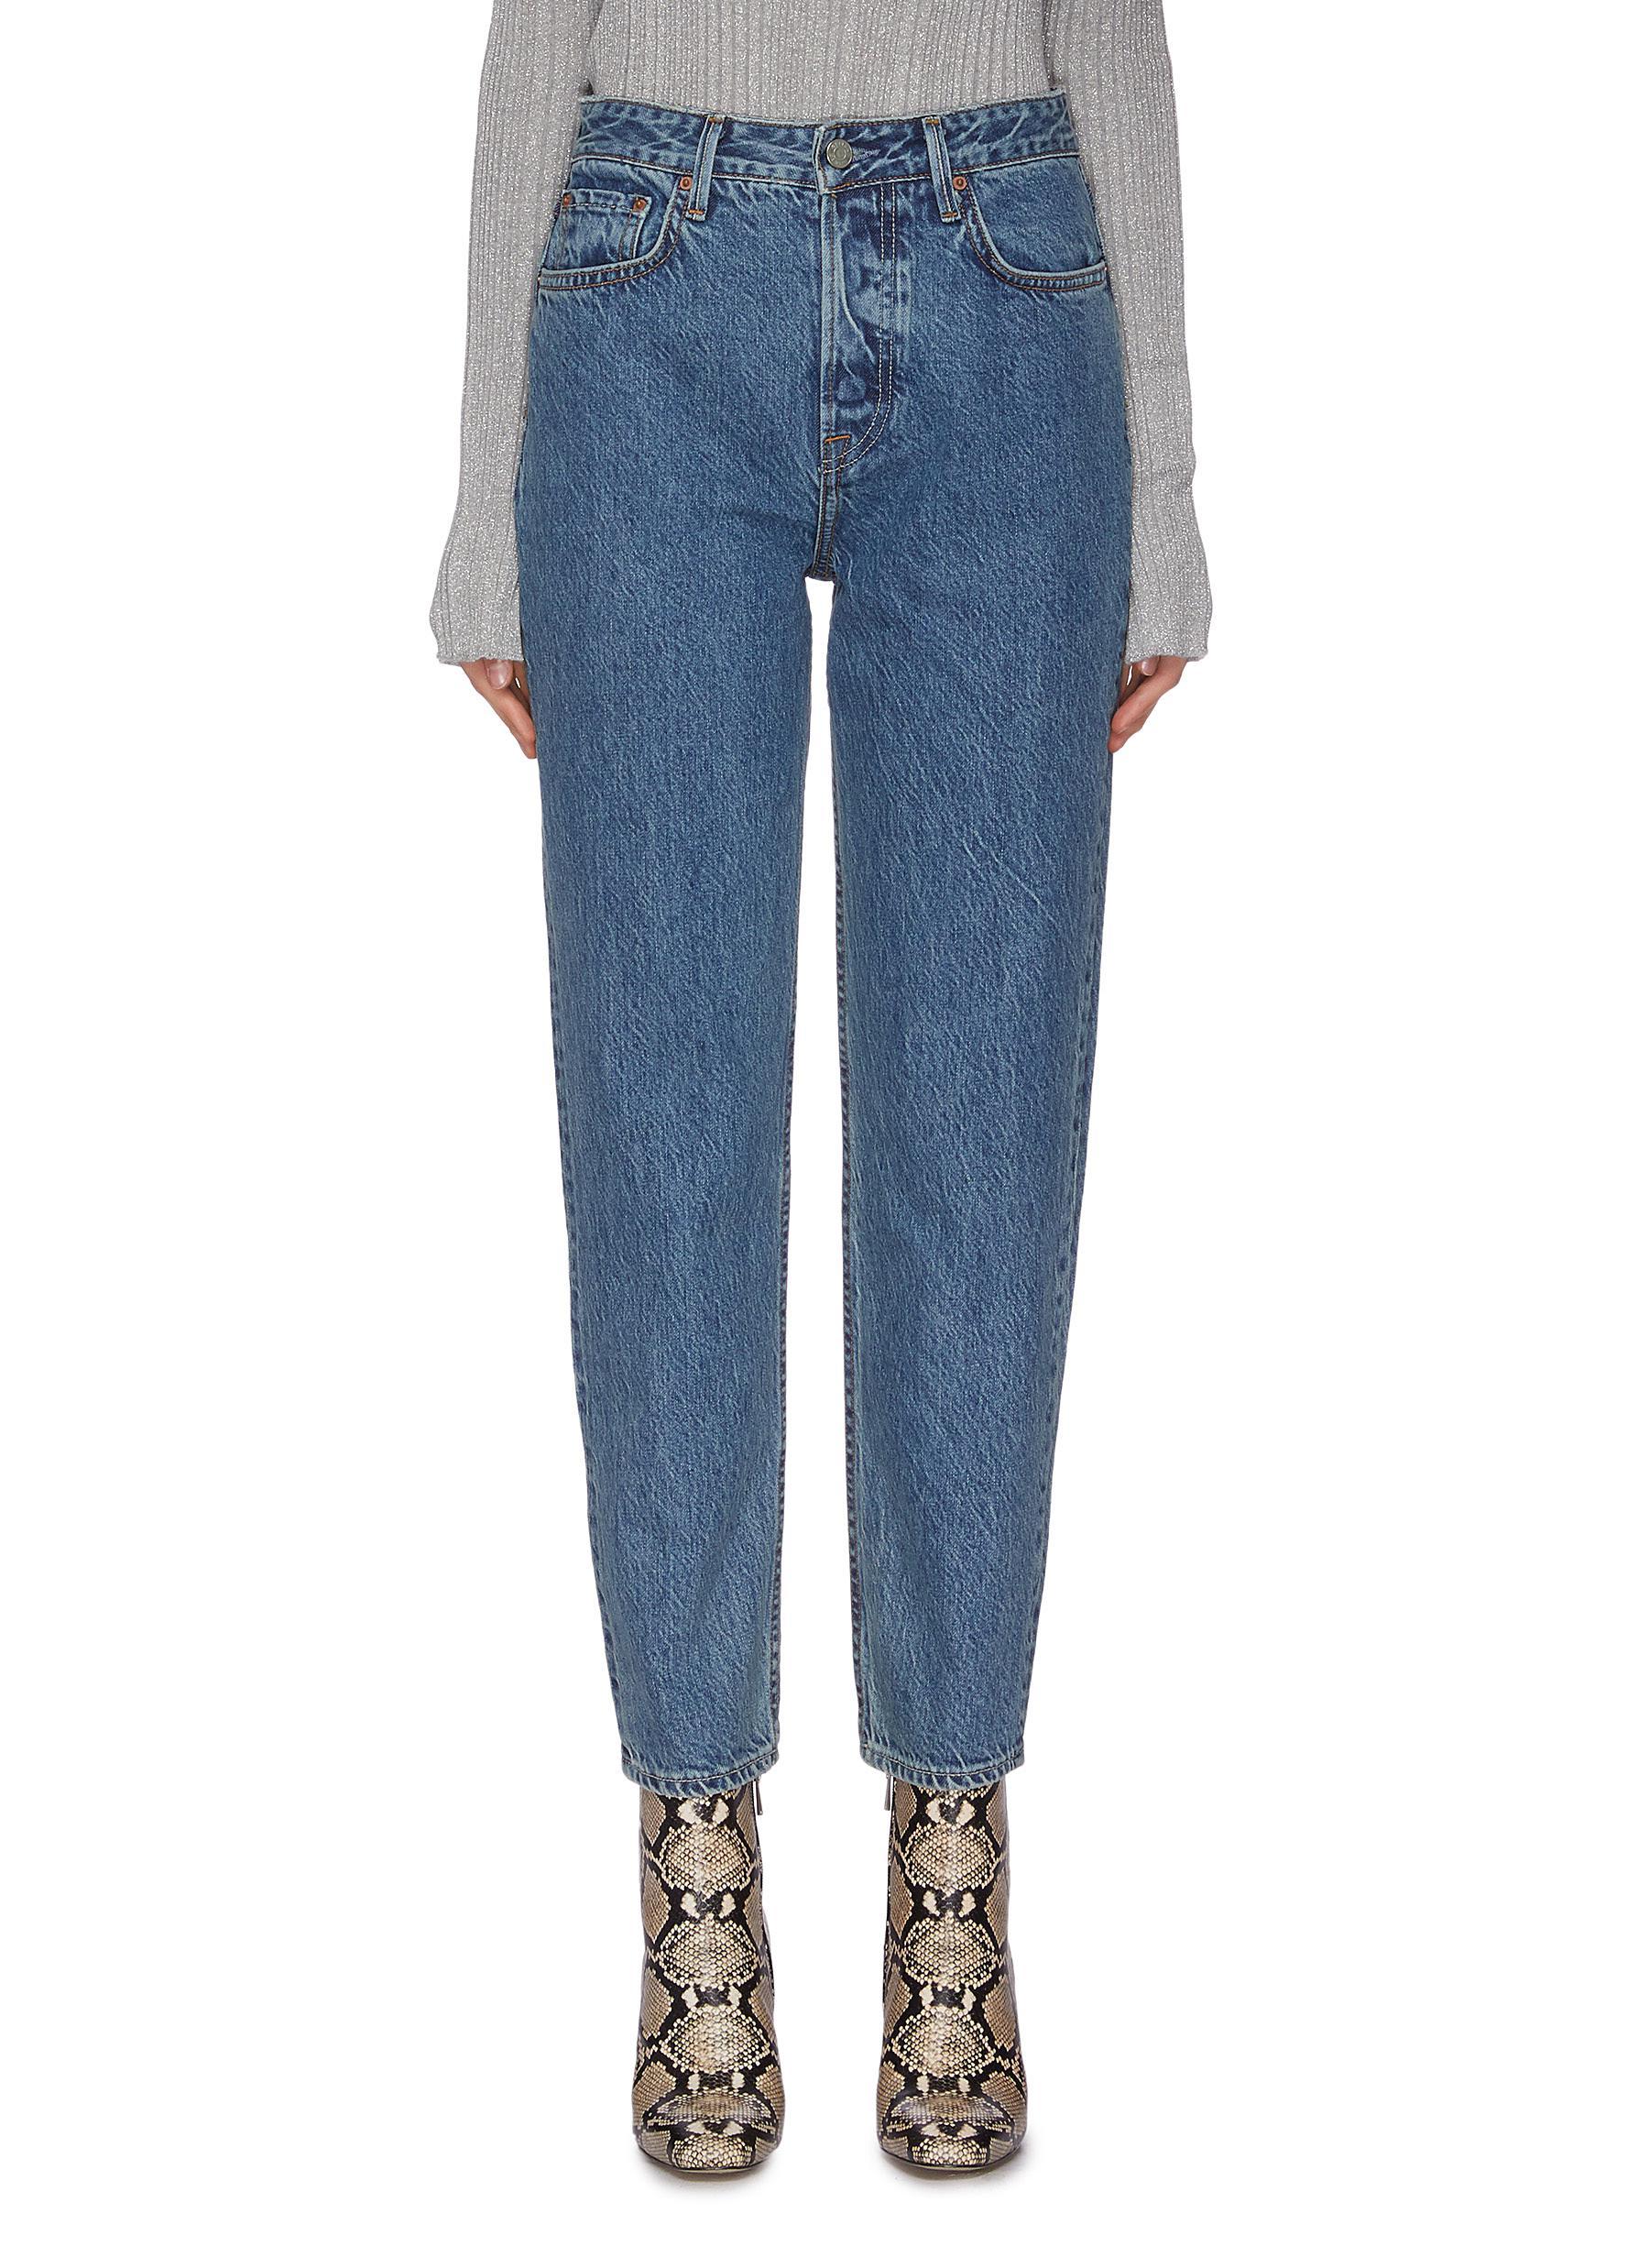 Buy Grlfrnd Jeans 'Devon' boyfriend jeans